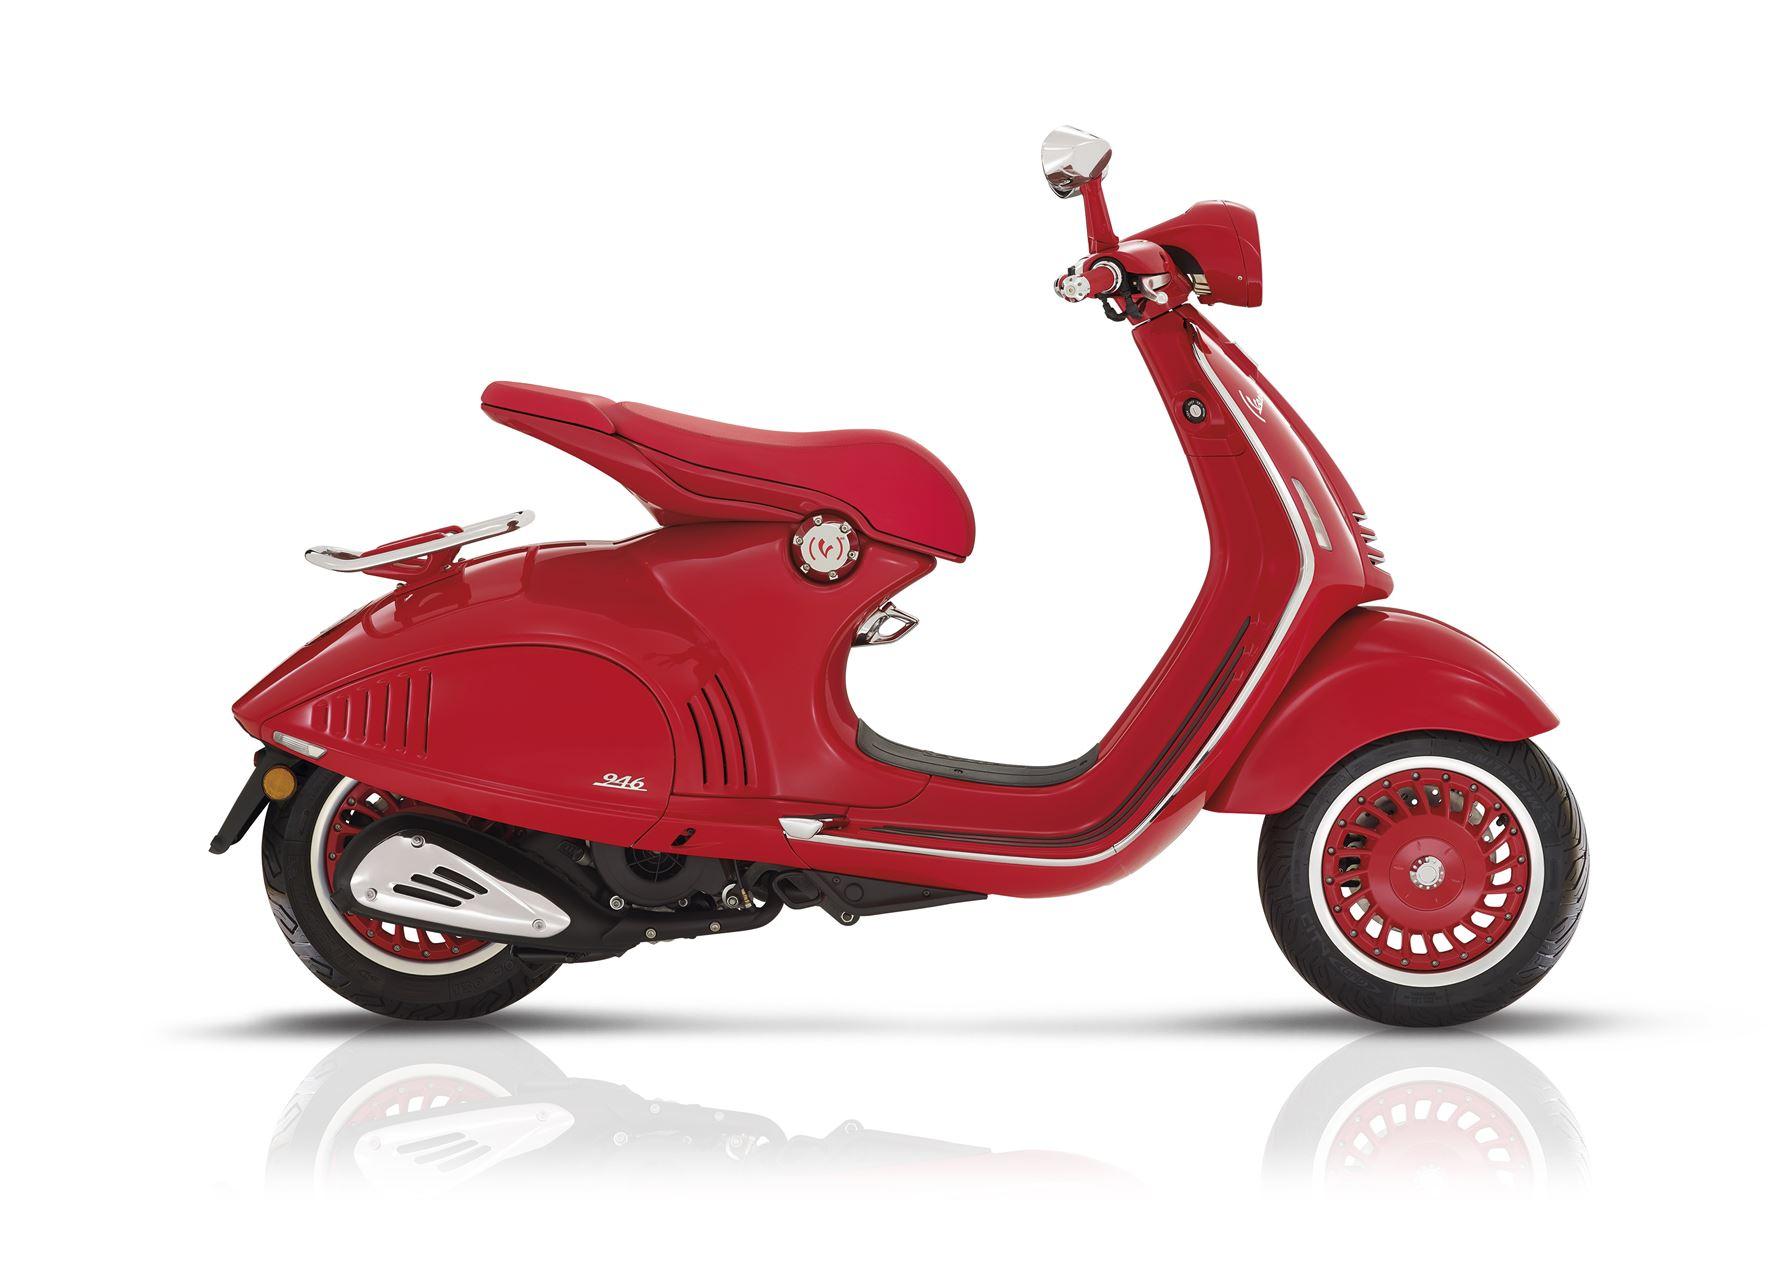 vespa 946 125 red scooter gama 125cc andar de moto. Black Bedroom Furniture Sets. Home Design Ideas